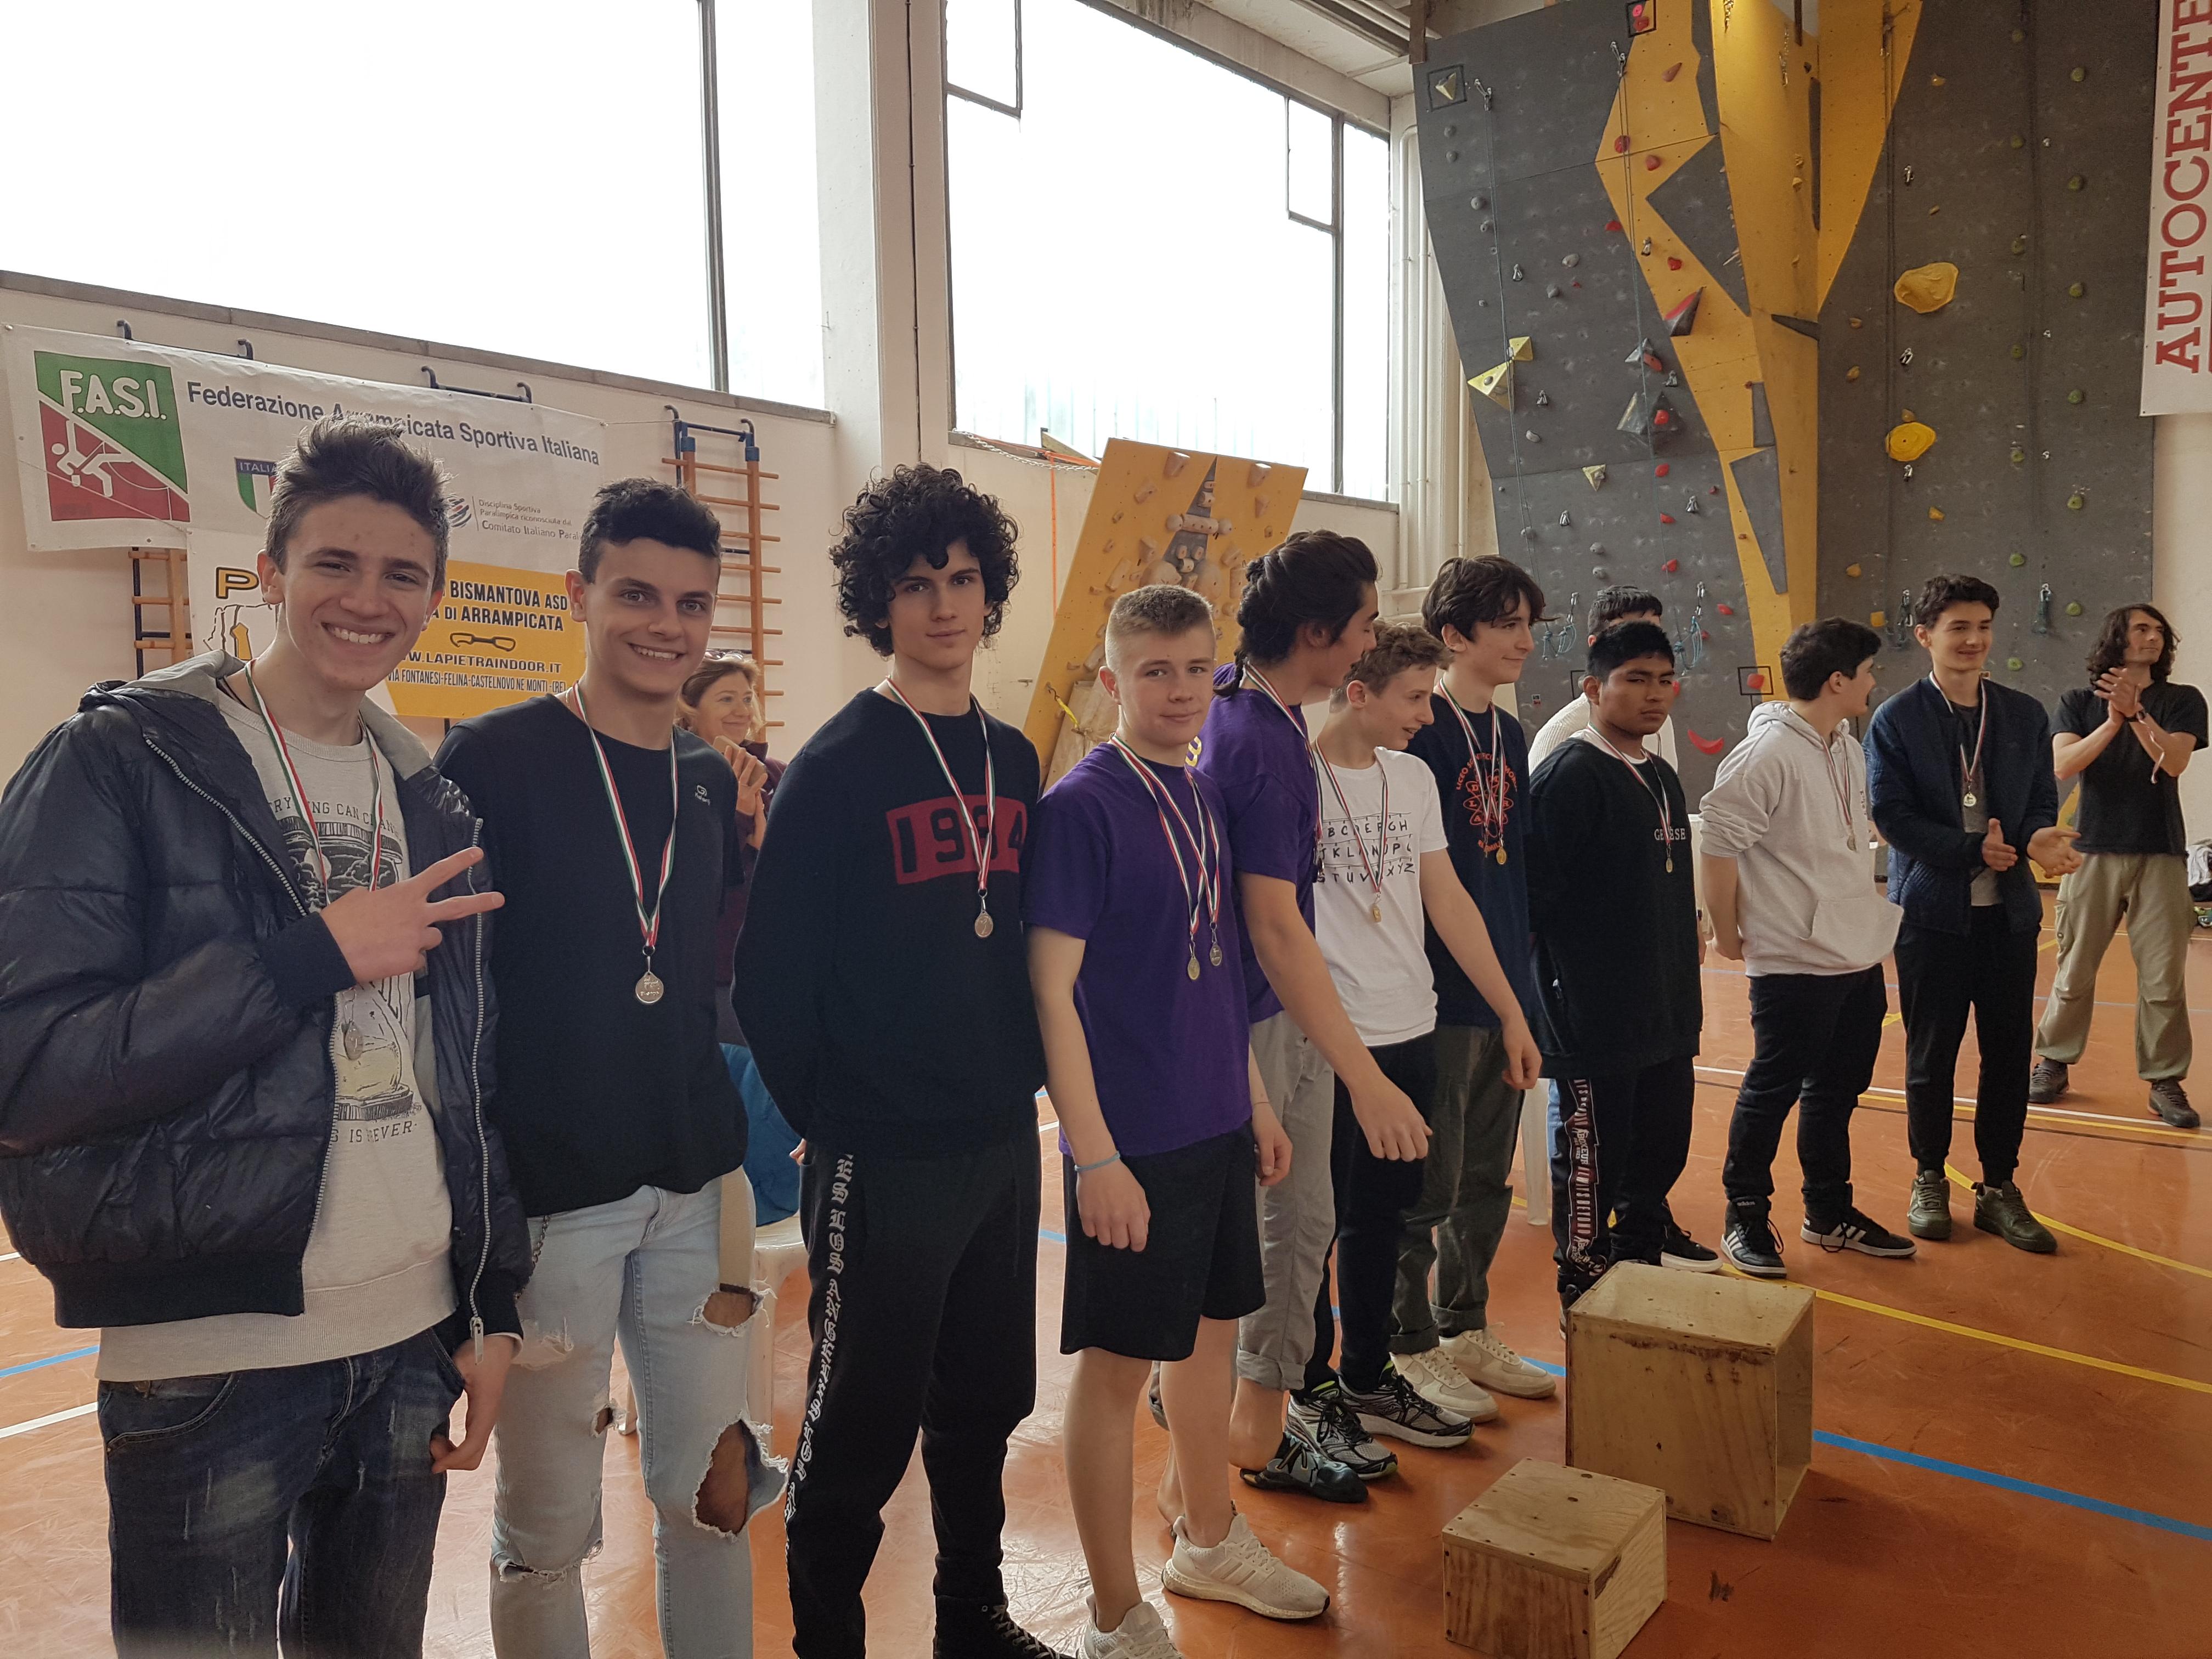 Siamo sul podio dei Regionali di arrampicata!